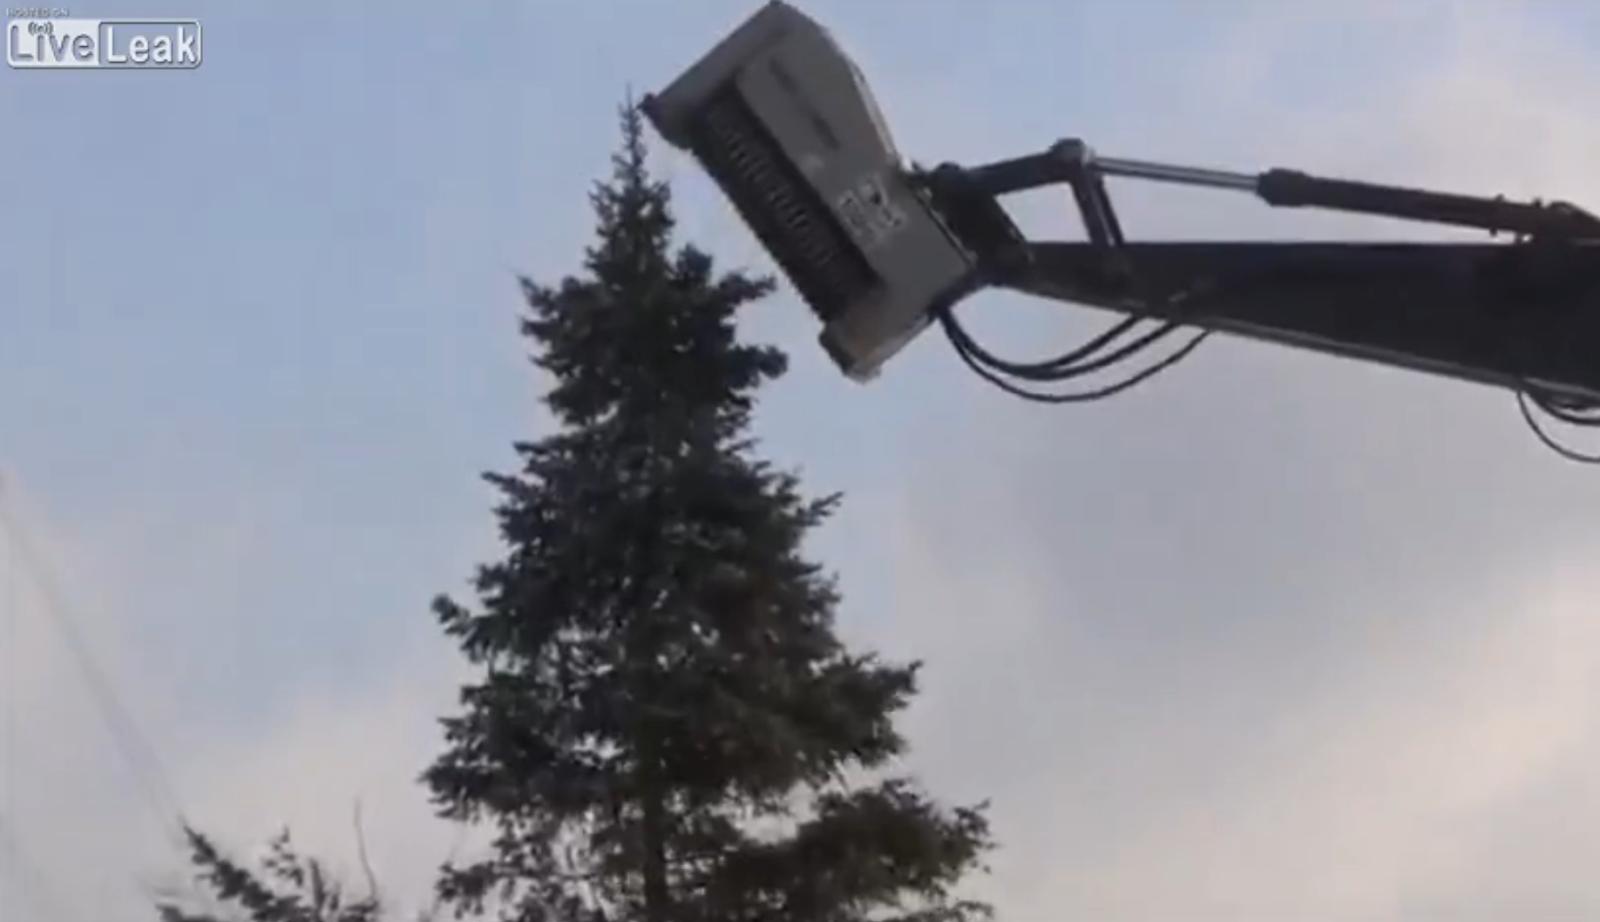 Mesin yang mampu hancur leburkan pokok dalam beberapa saat